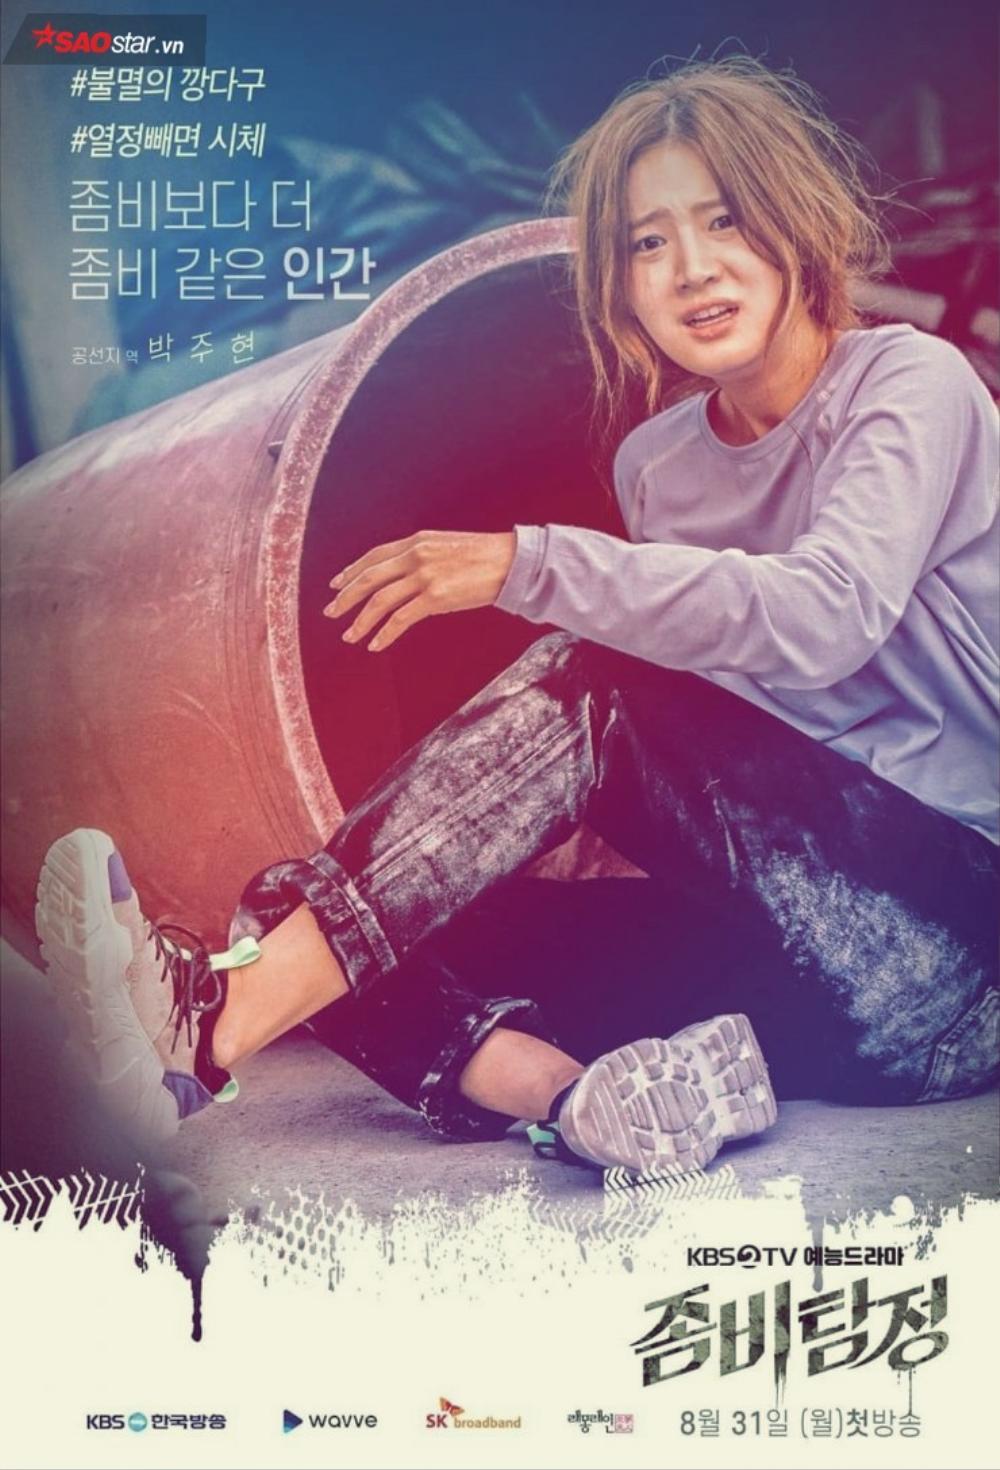 Phim truyền hình Hàn Quốc cuối tháng 9: Đa dạng thể loại nhưng nội dung không mới mẻ Ảnh 4